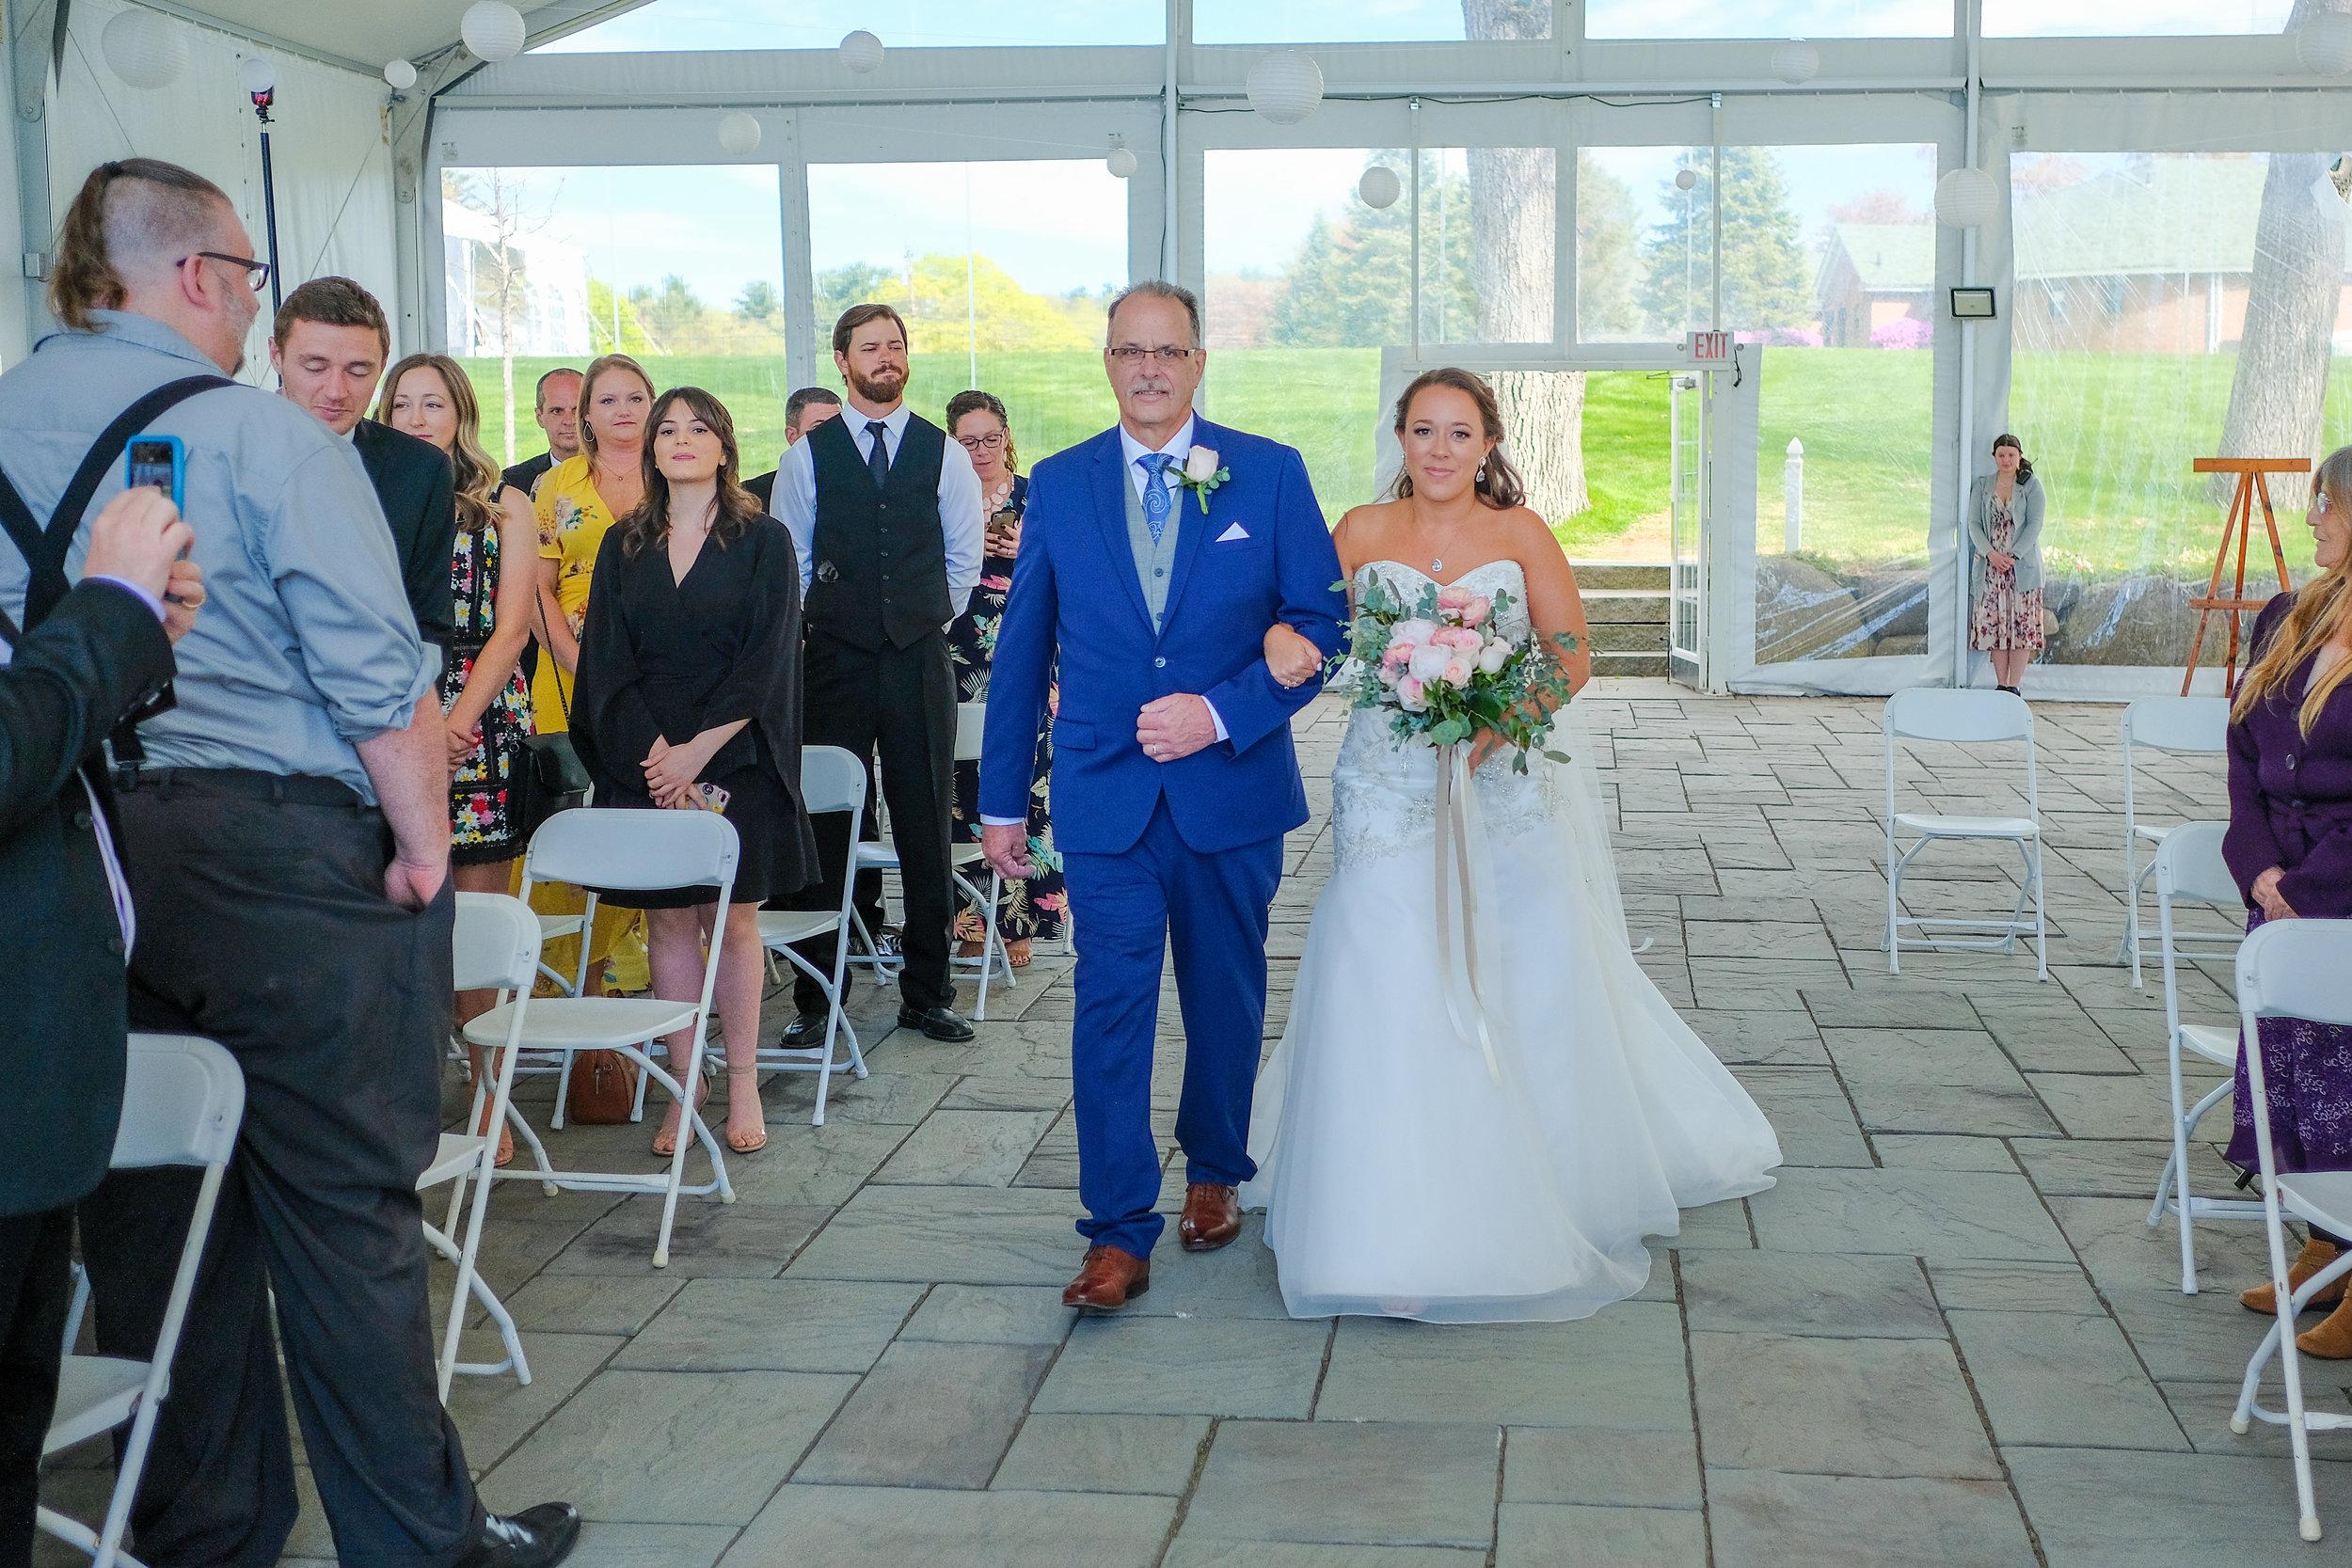 laconia-margate-wedding-photography-215.jpg